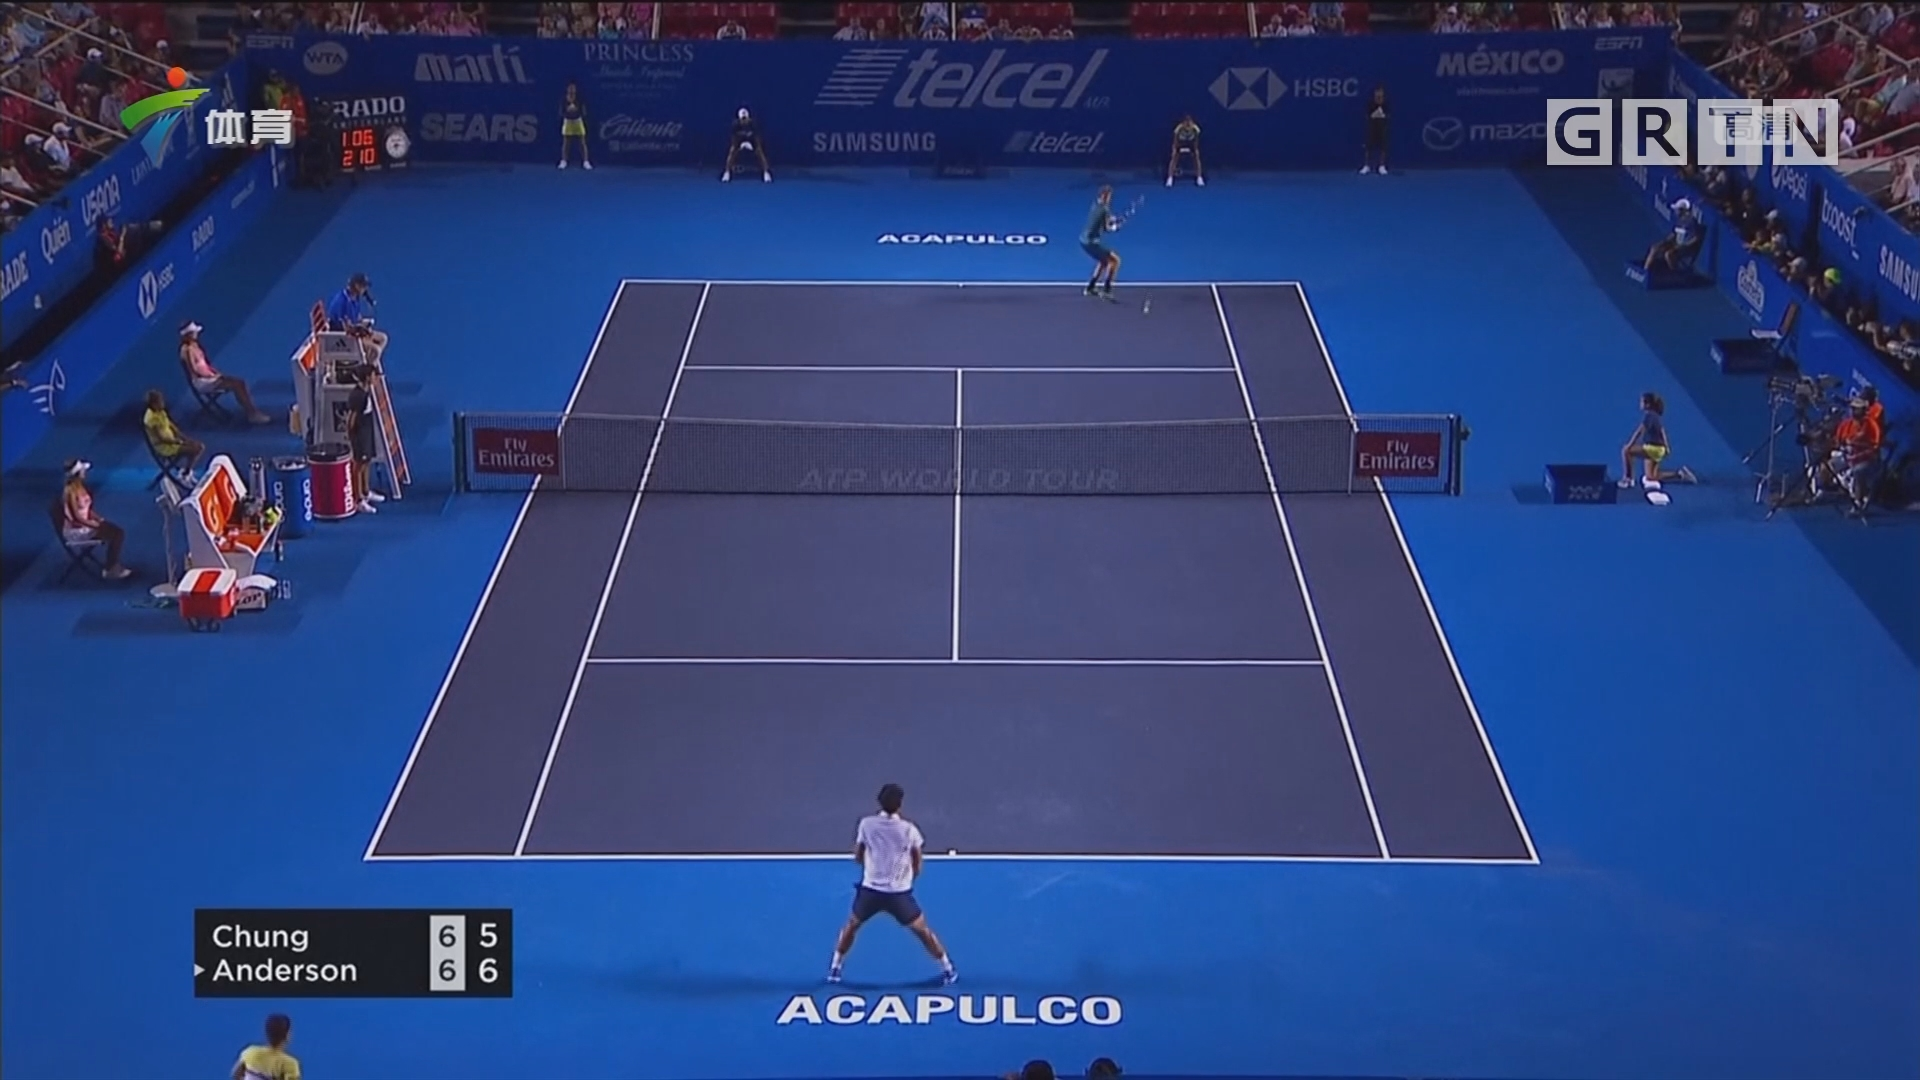 ATP阿卡普尔科赛 德郑泫不敌安德森 遭到淘汰